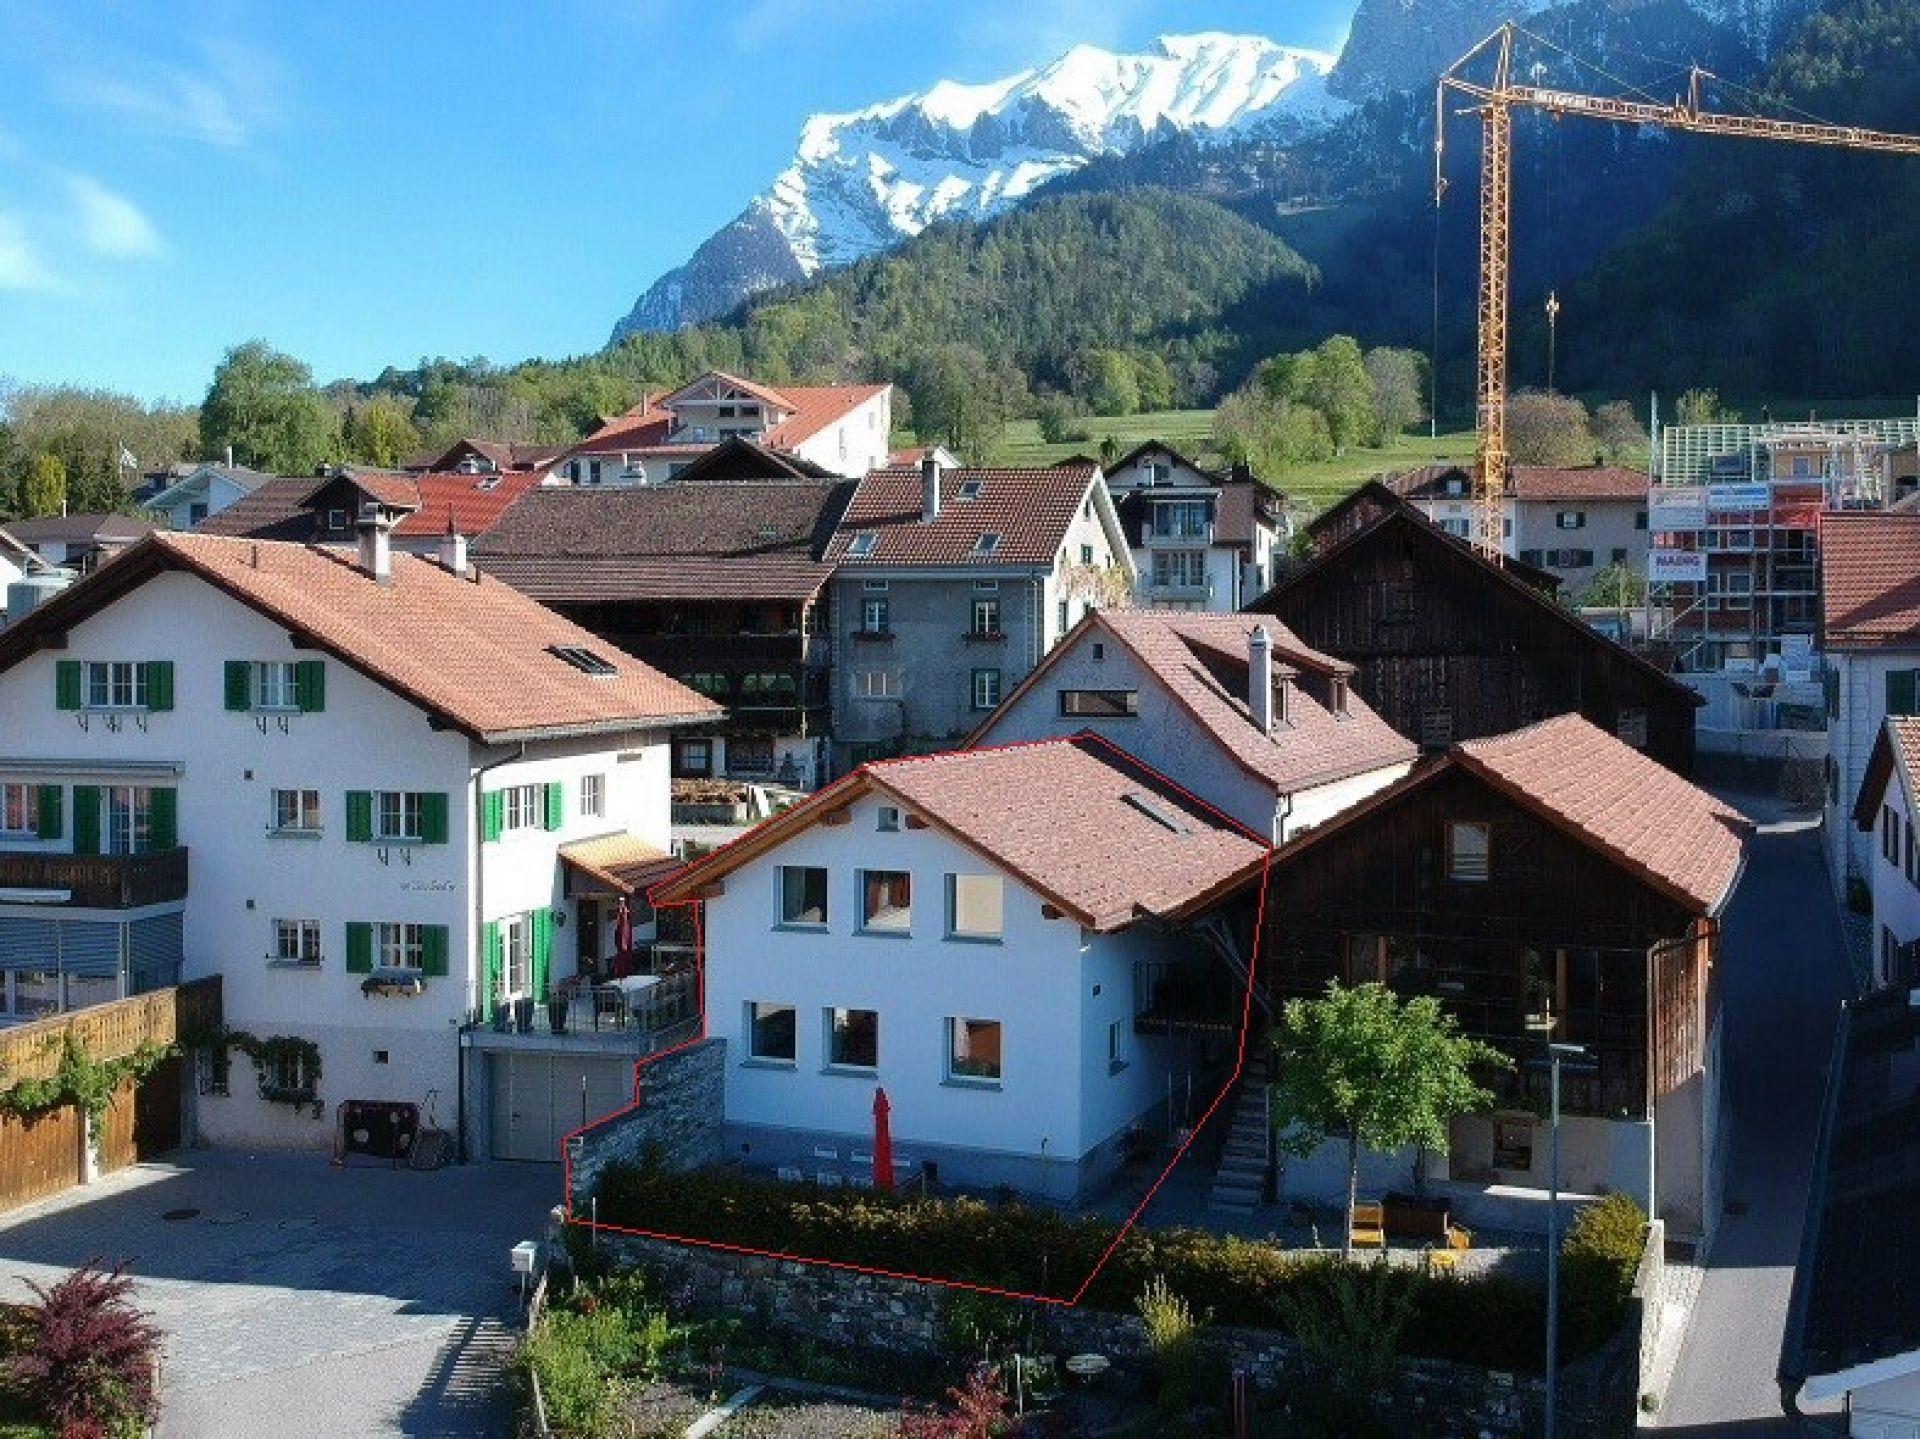 Exklusives Wohnhaus mit Weitsicht in die Bündner Berge